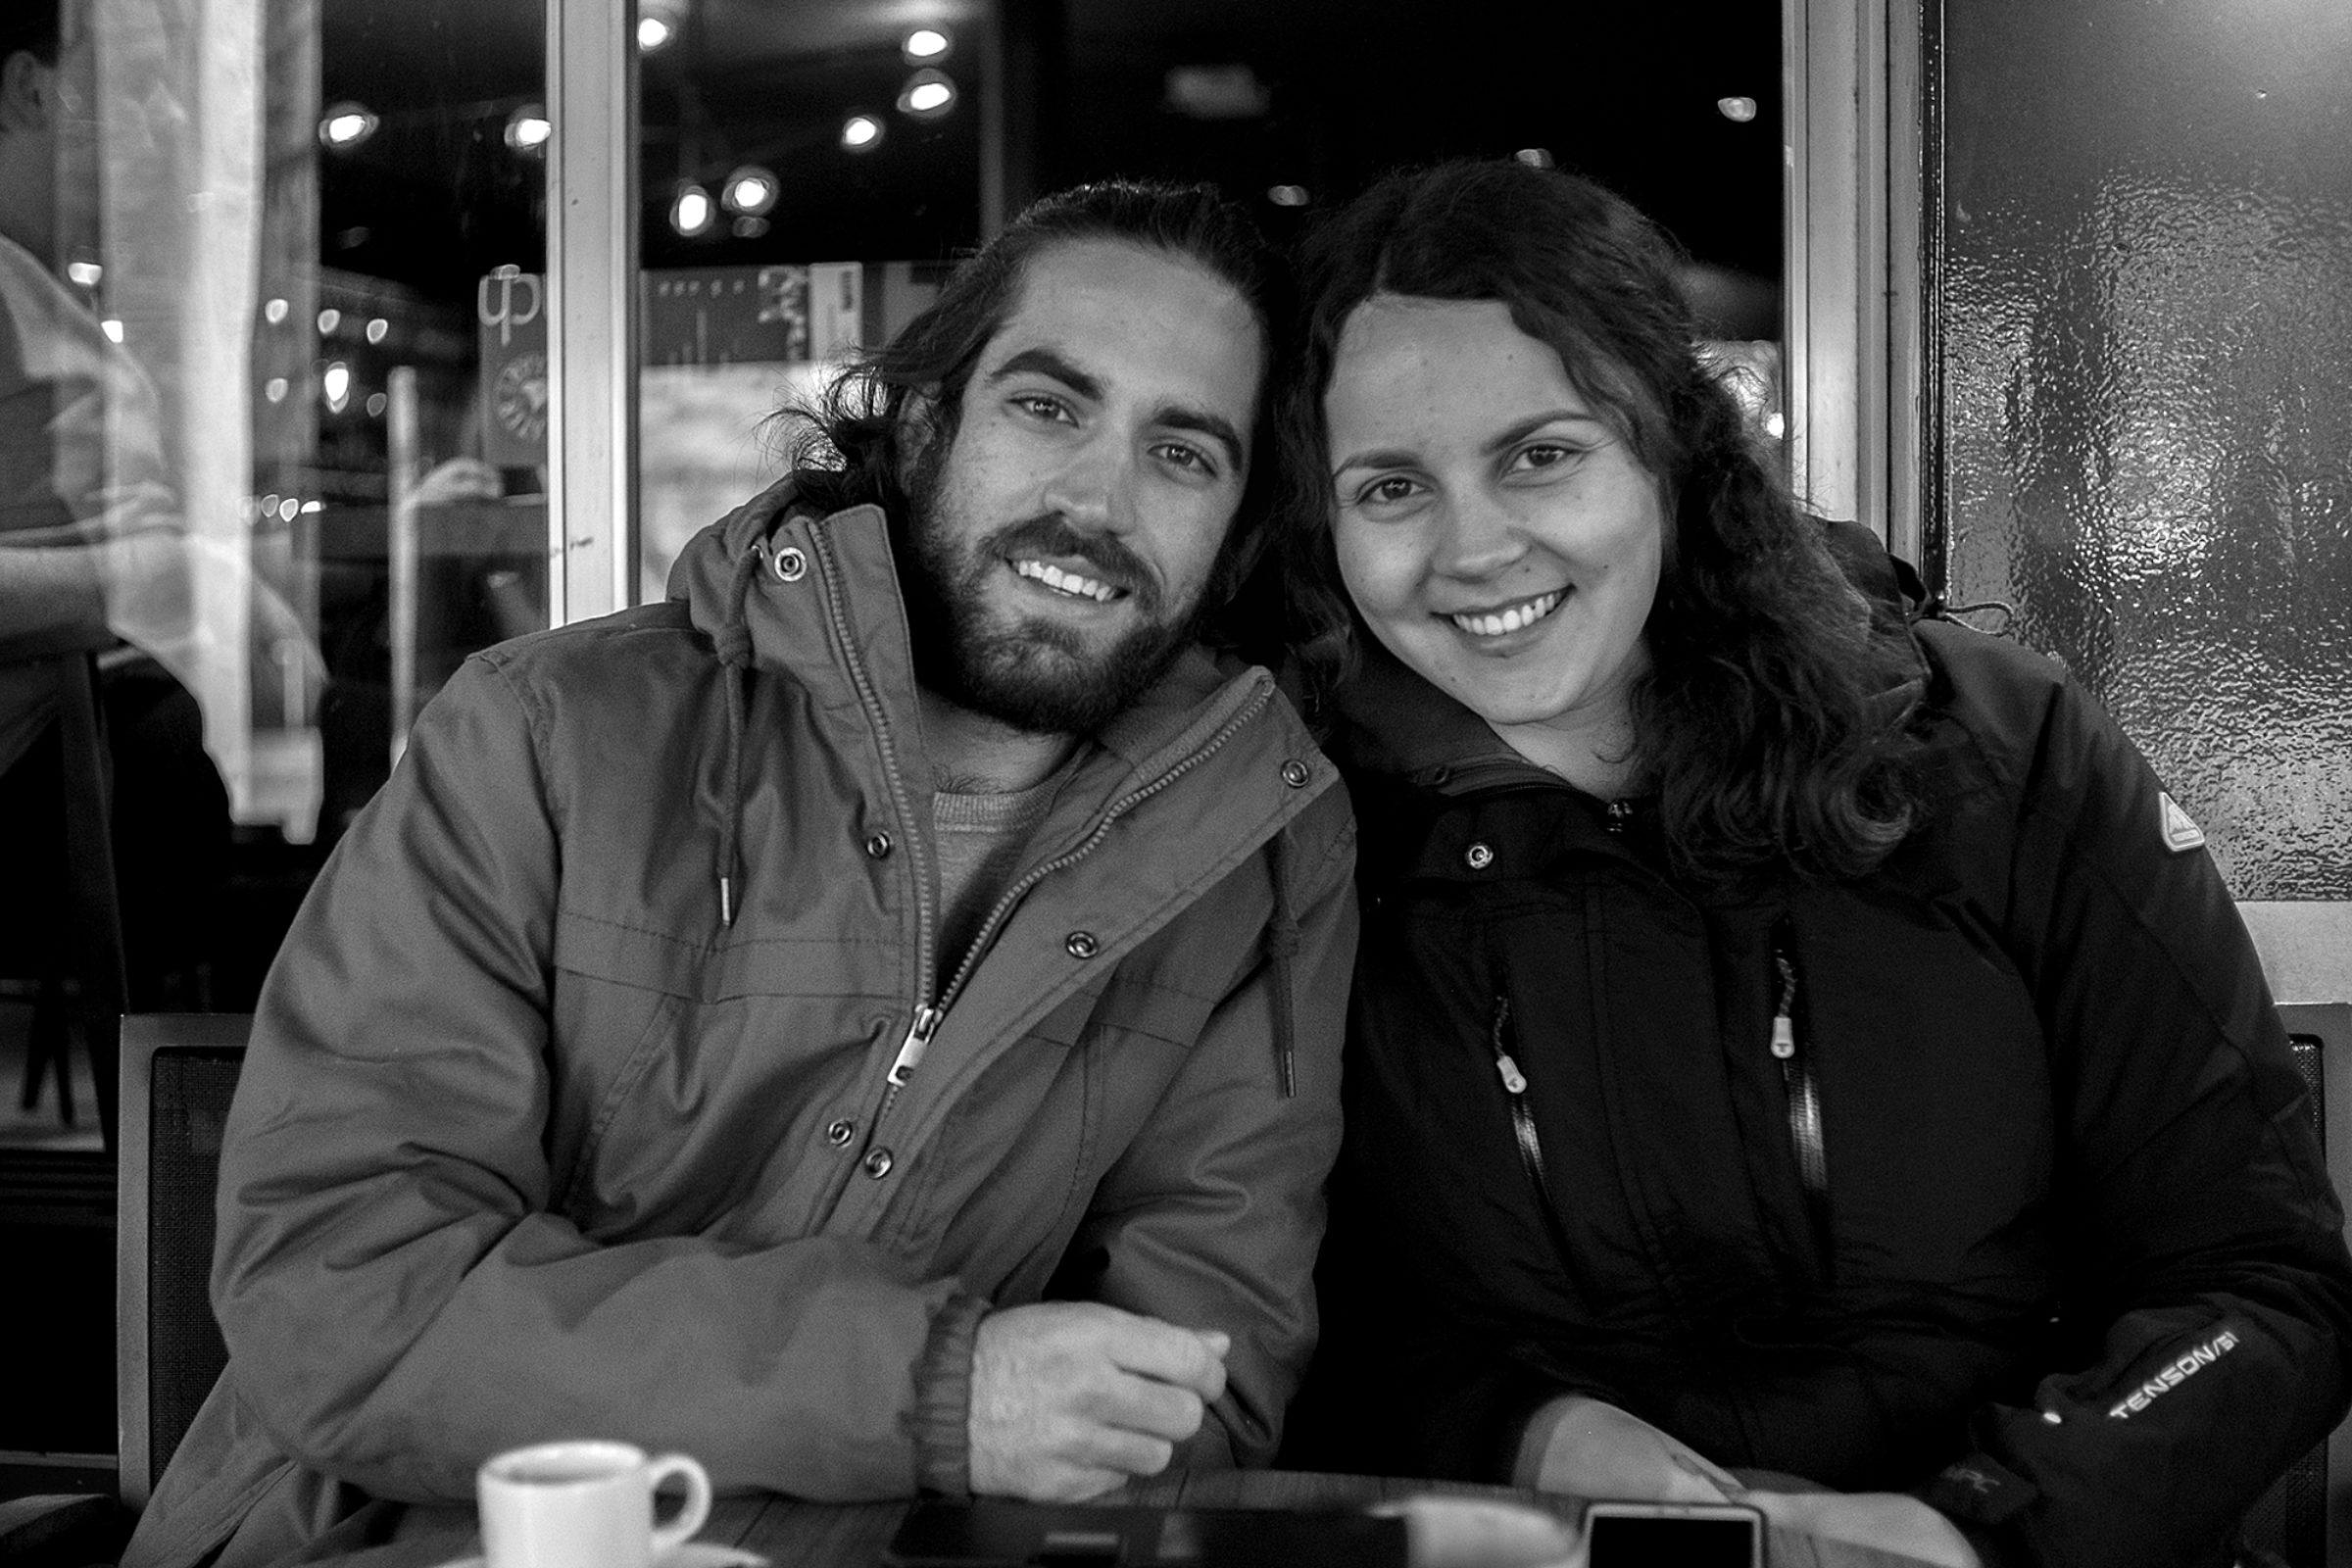 De mensen van Enschede - paula en alejandro